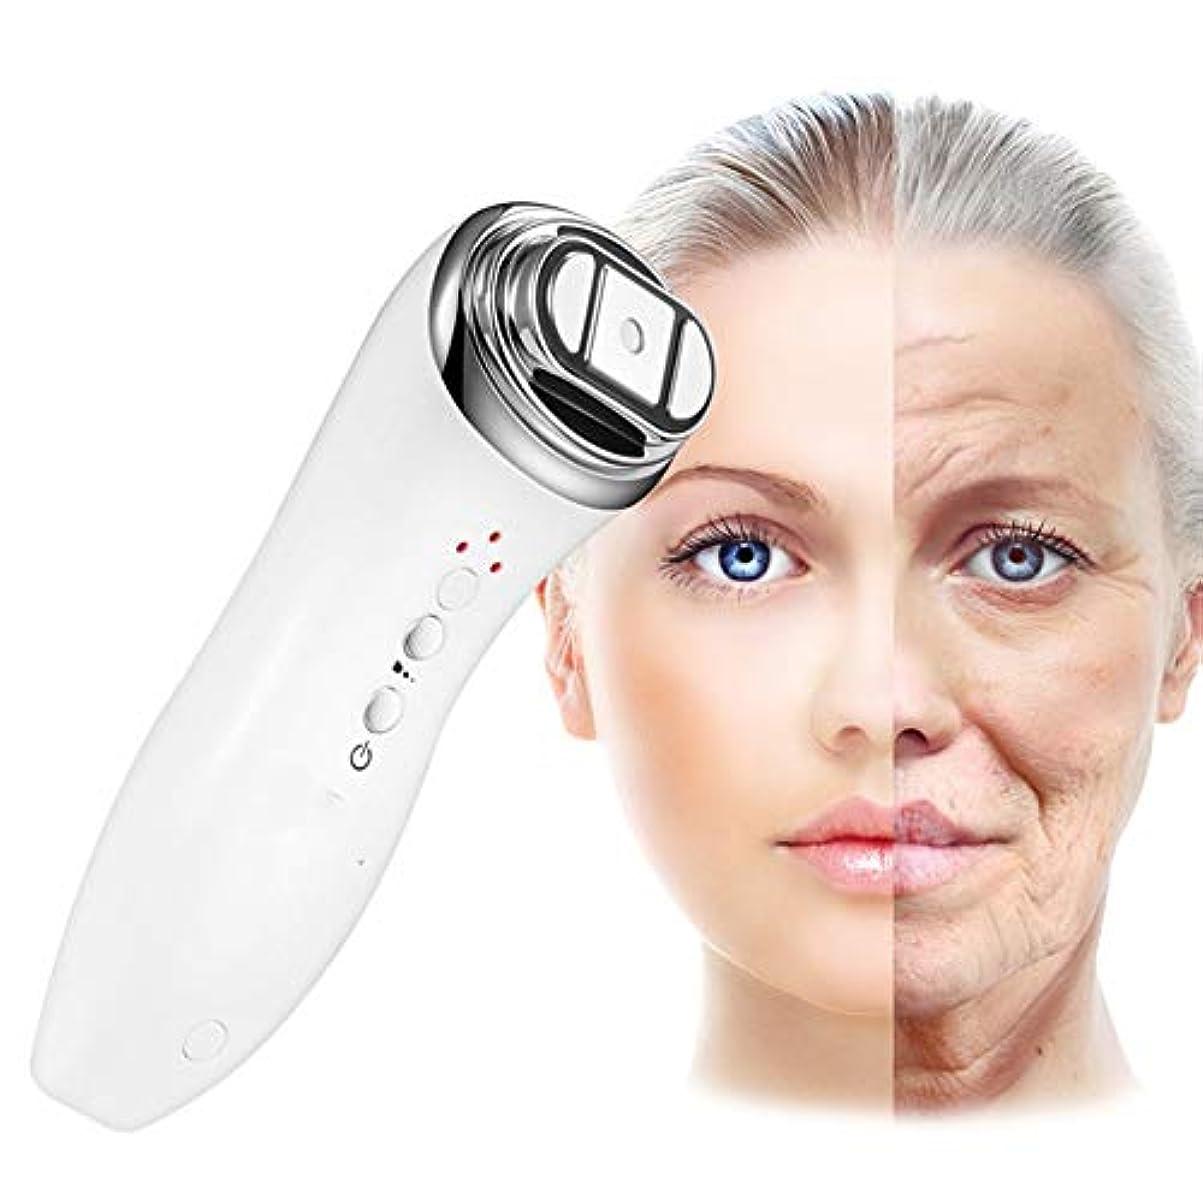 差別的驚き本部ガルバニックMicrocurrentフェイスリフトマシン - デバイスを引き締める顔の皮膚 - 顔と首のアンチエイジングマッサージツール